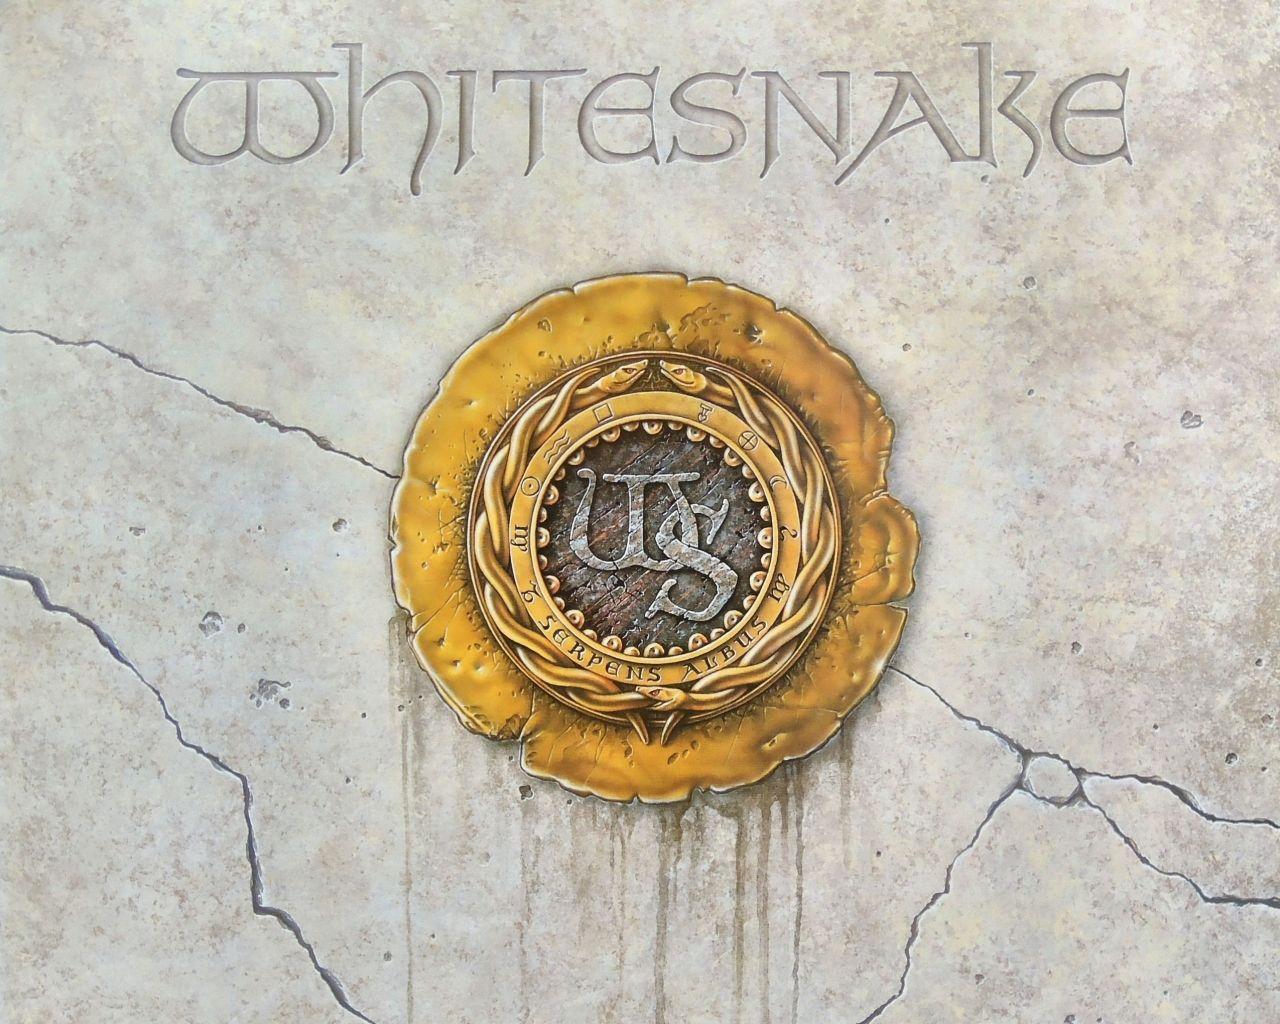 Altwall Whitesnake wallpaper 1280x1024